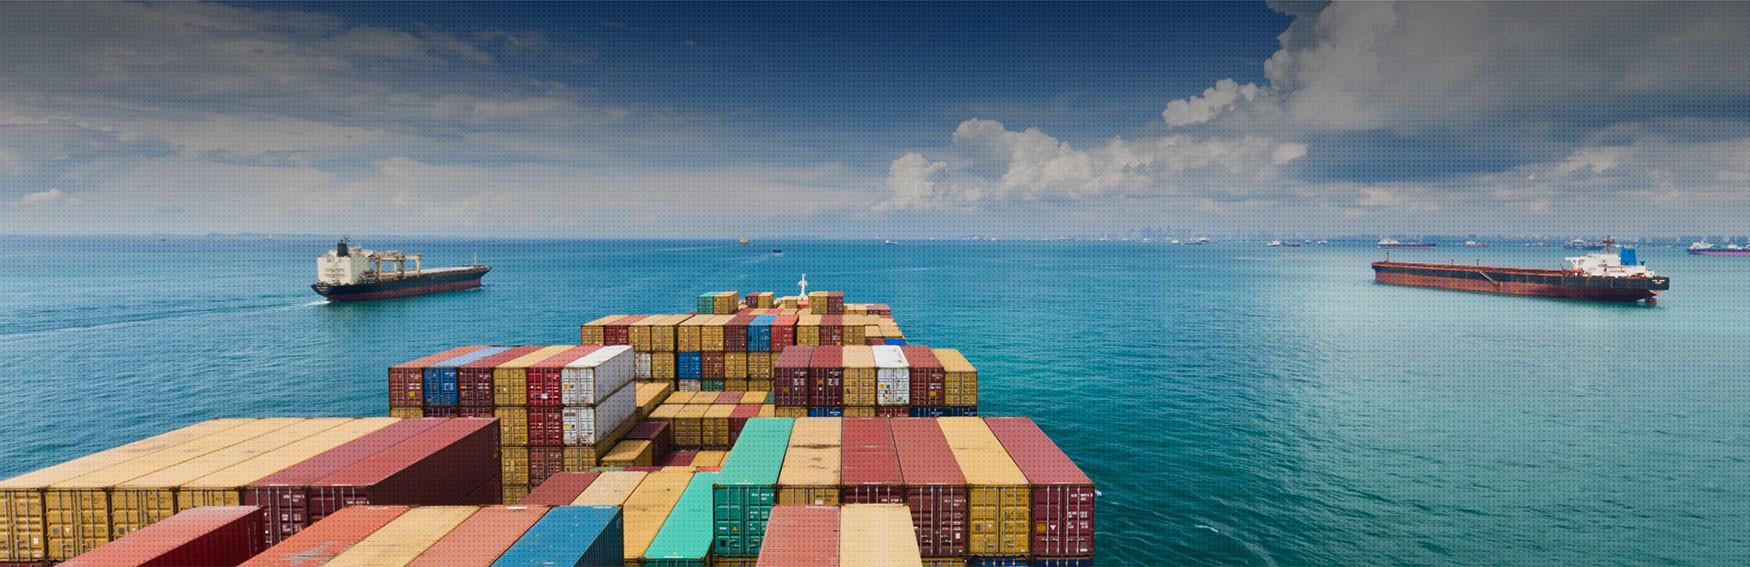 importacao-desembaraco_aduaneiro-duvidas-comex_na_web-especiais